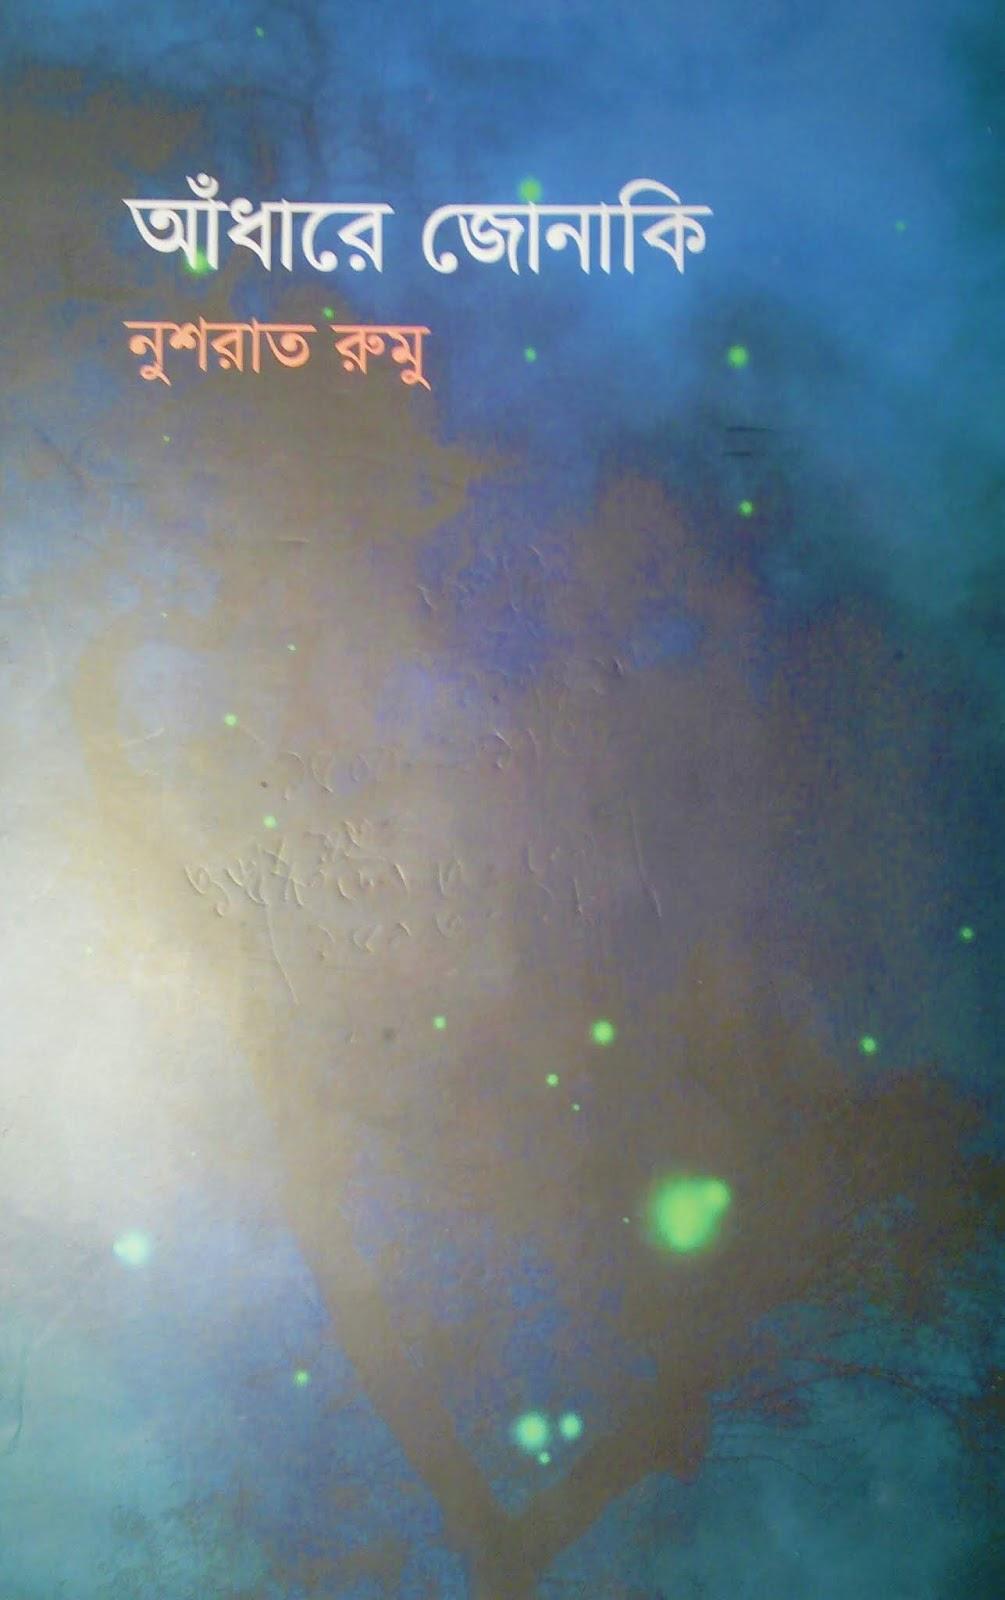 নুশরাত রুমু'র গল্পগ্রন্থ 'আঁধারে জোনাকি'